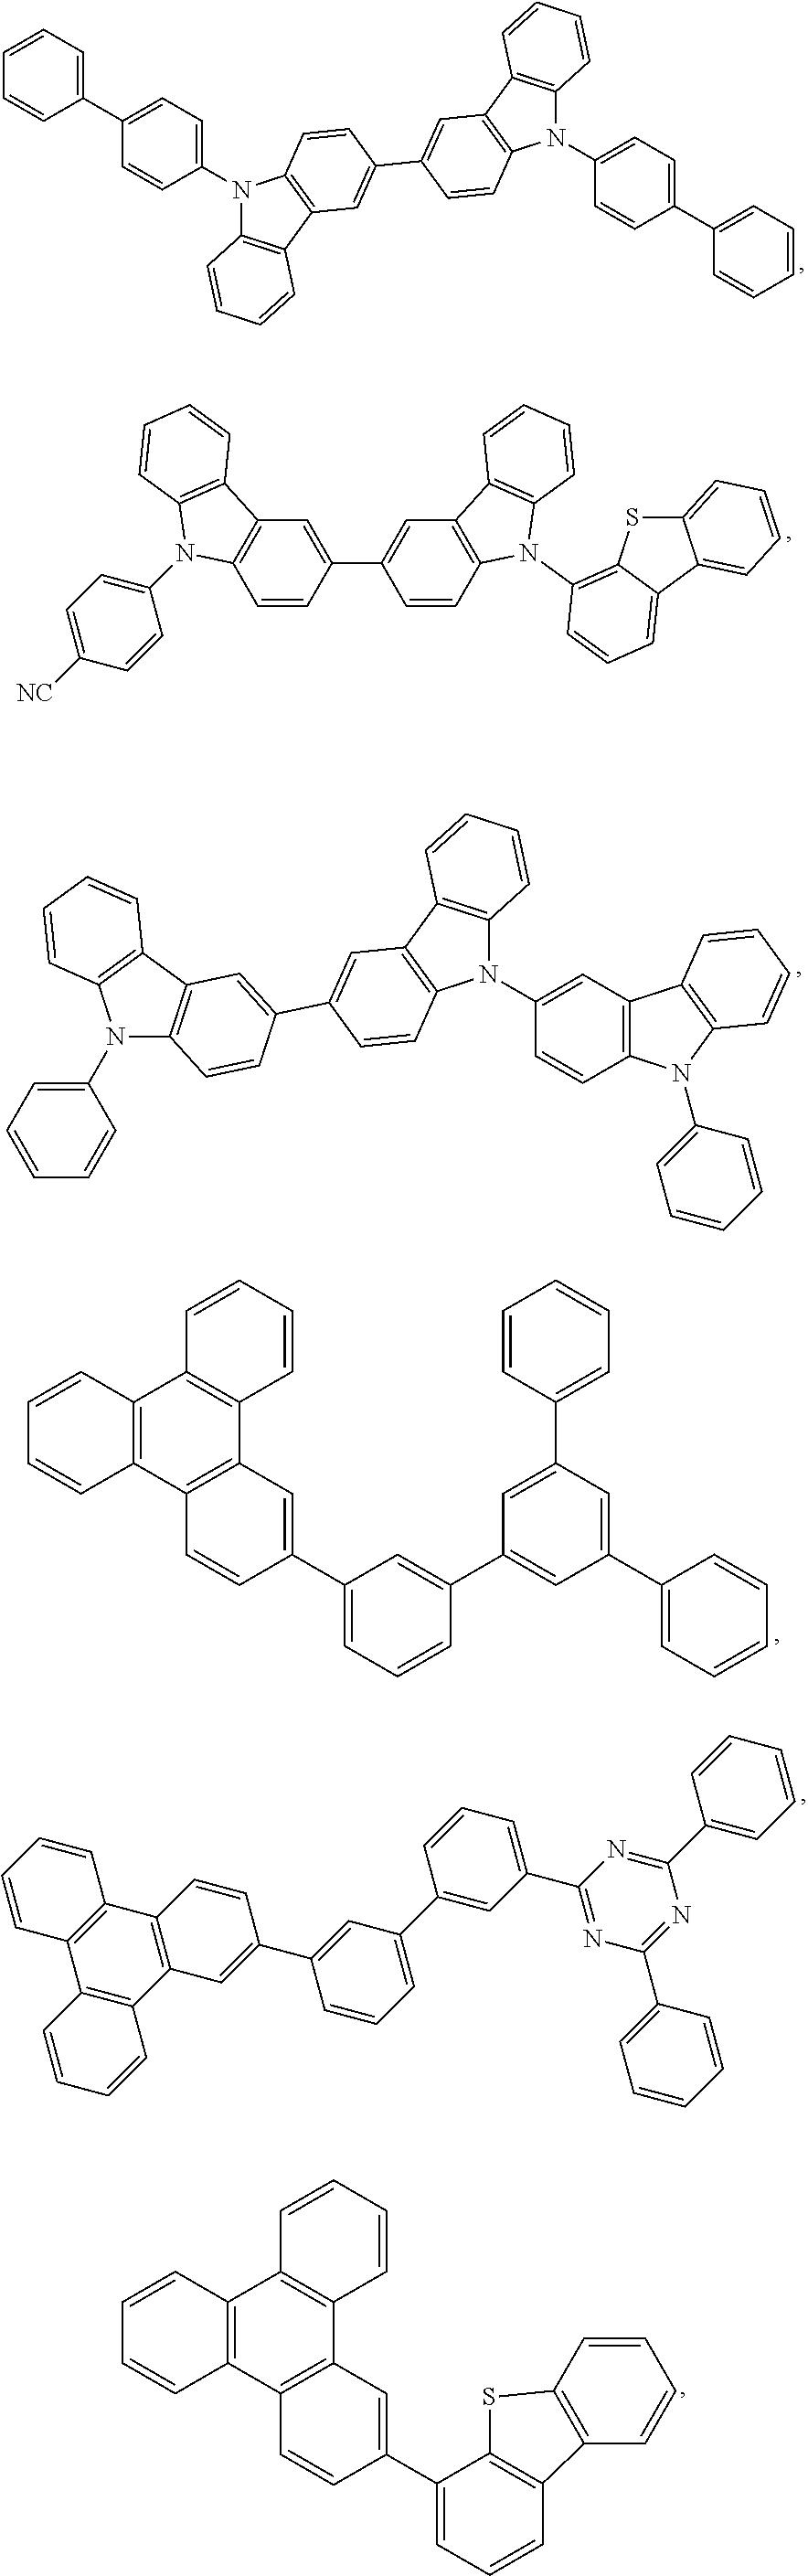 Figure US20160049599A1-20160218-C00564